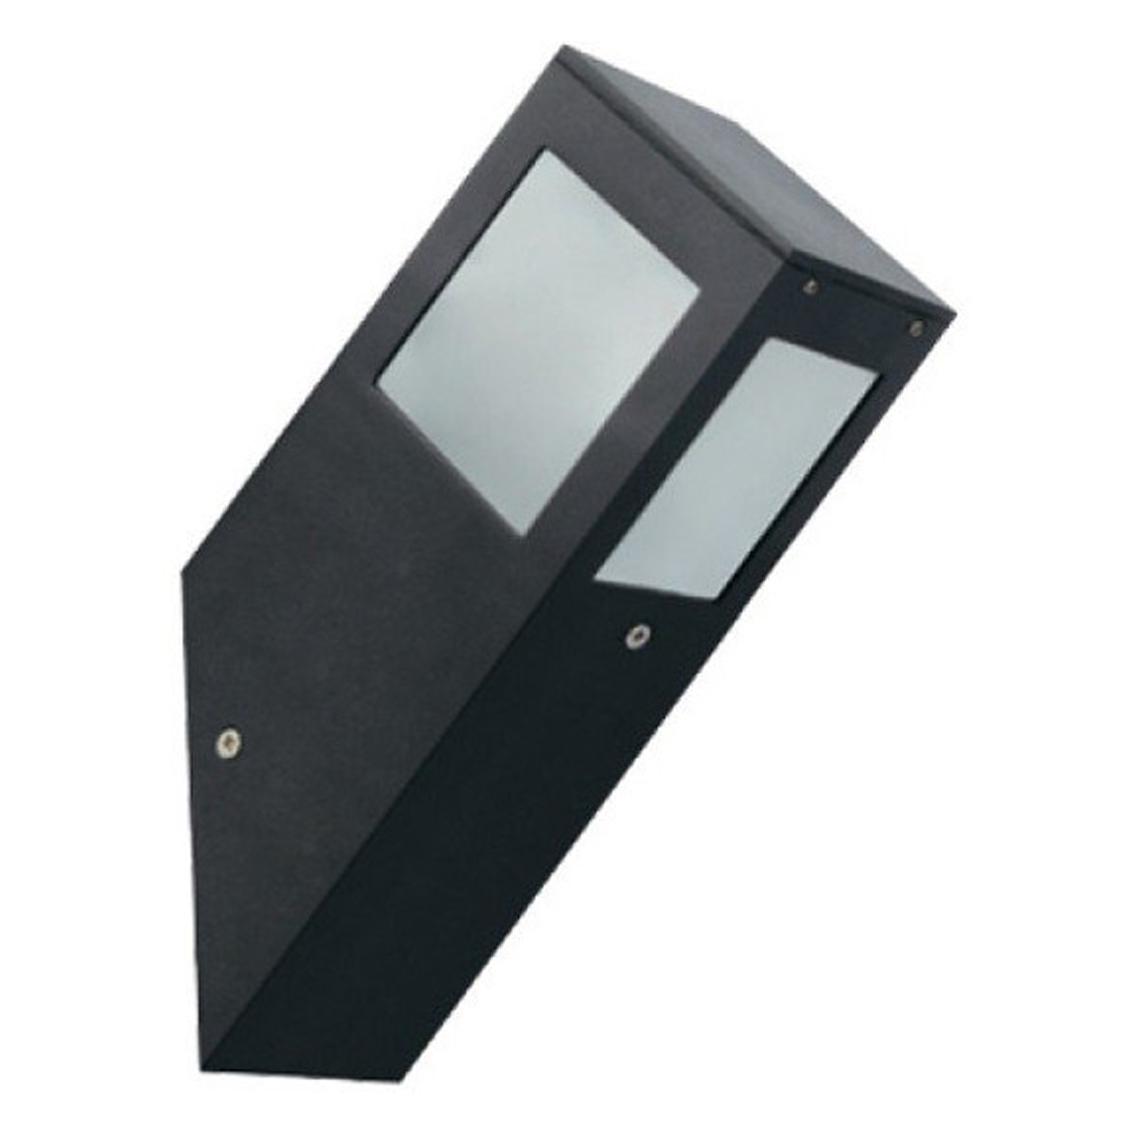 Vrtna lampa svjetiljka E27 HL KAVAK SQ-1 Horoz Elektro Vukojevic